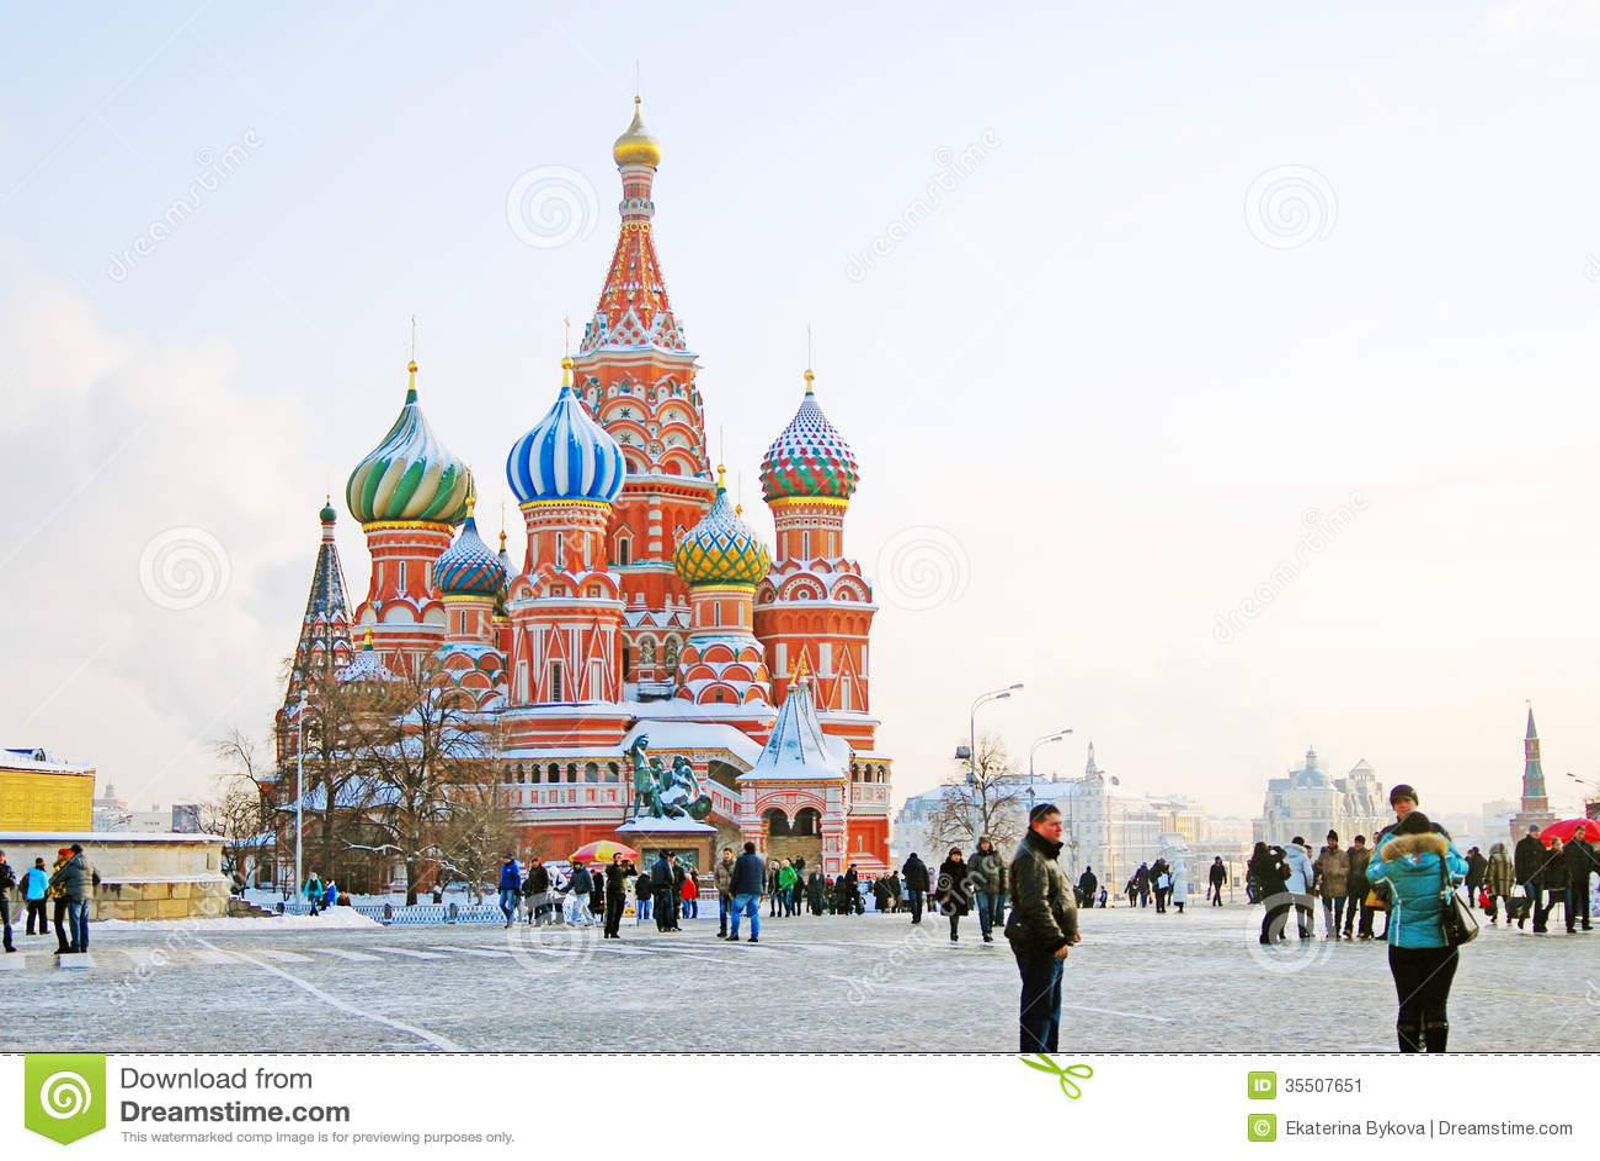 St basil cathedral, place rouge, moscou, russie. monde de l unesco il